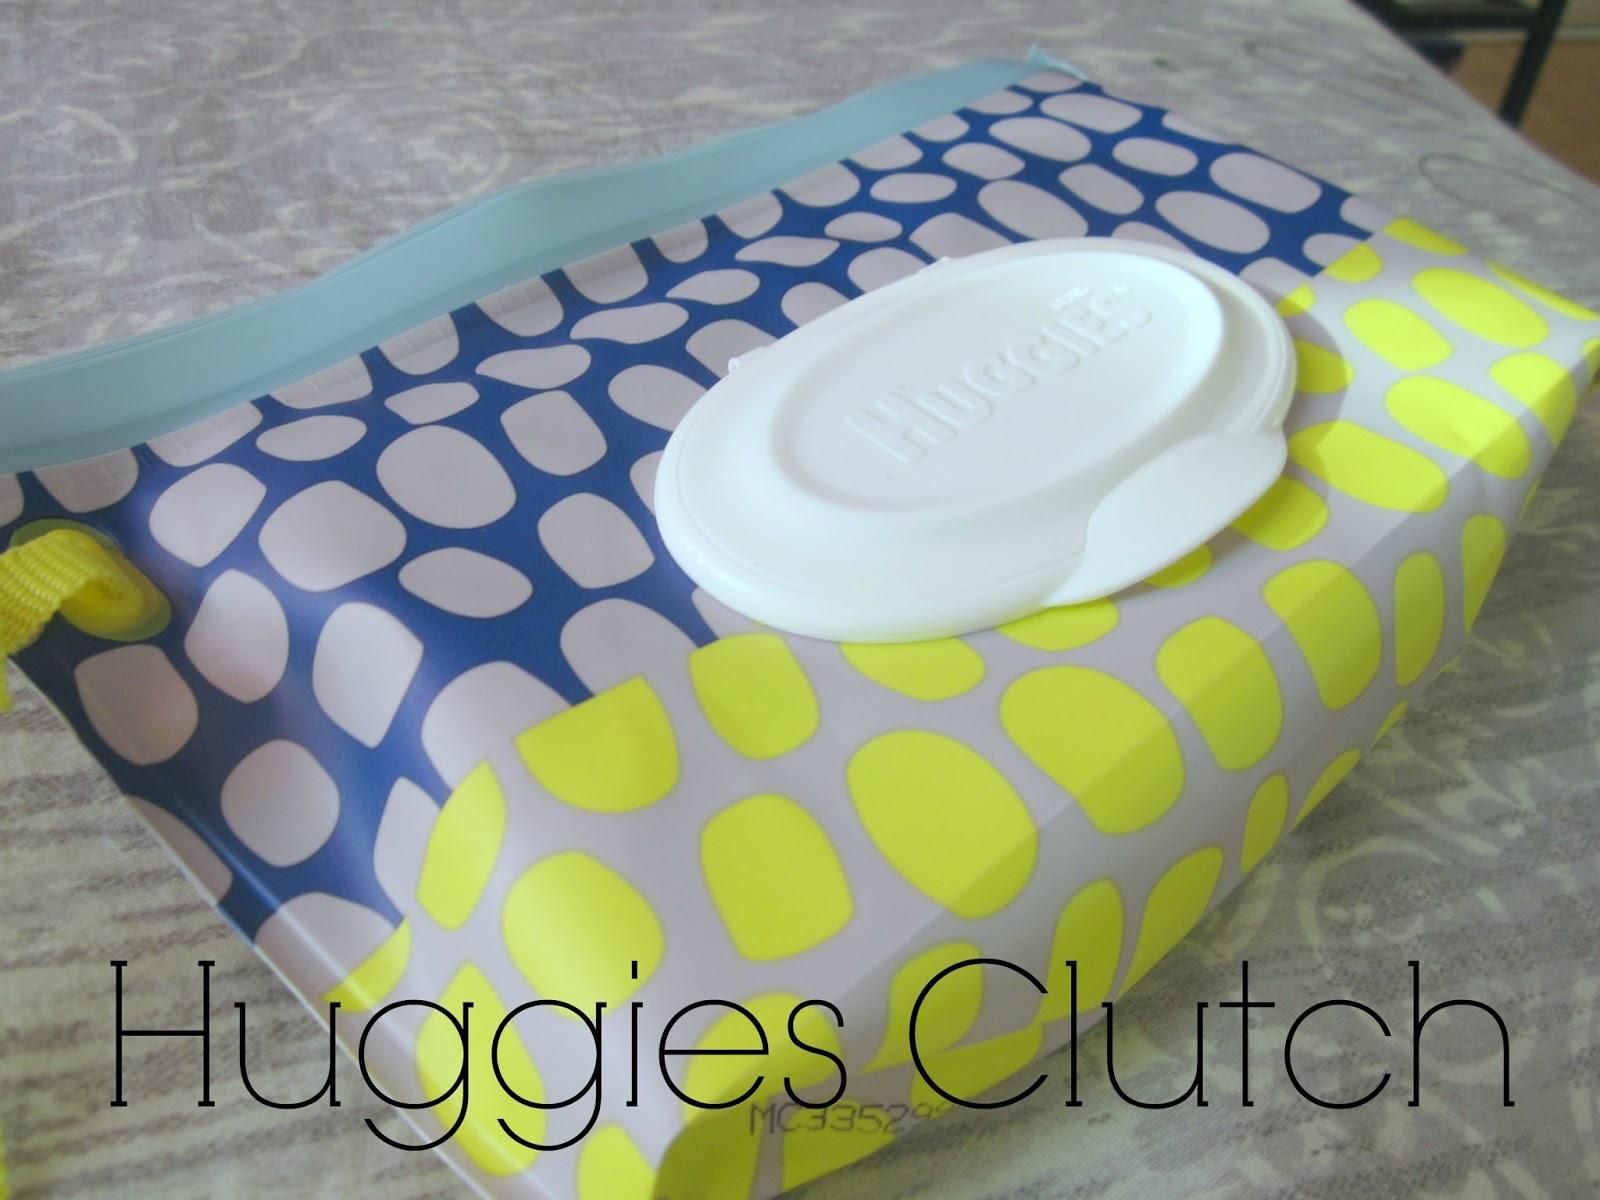 huggies clutch